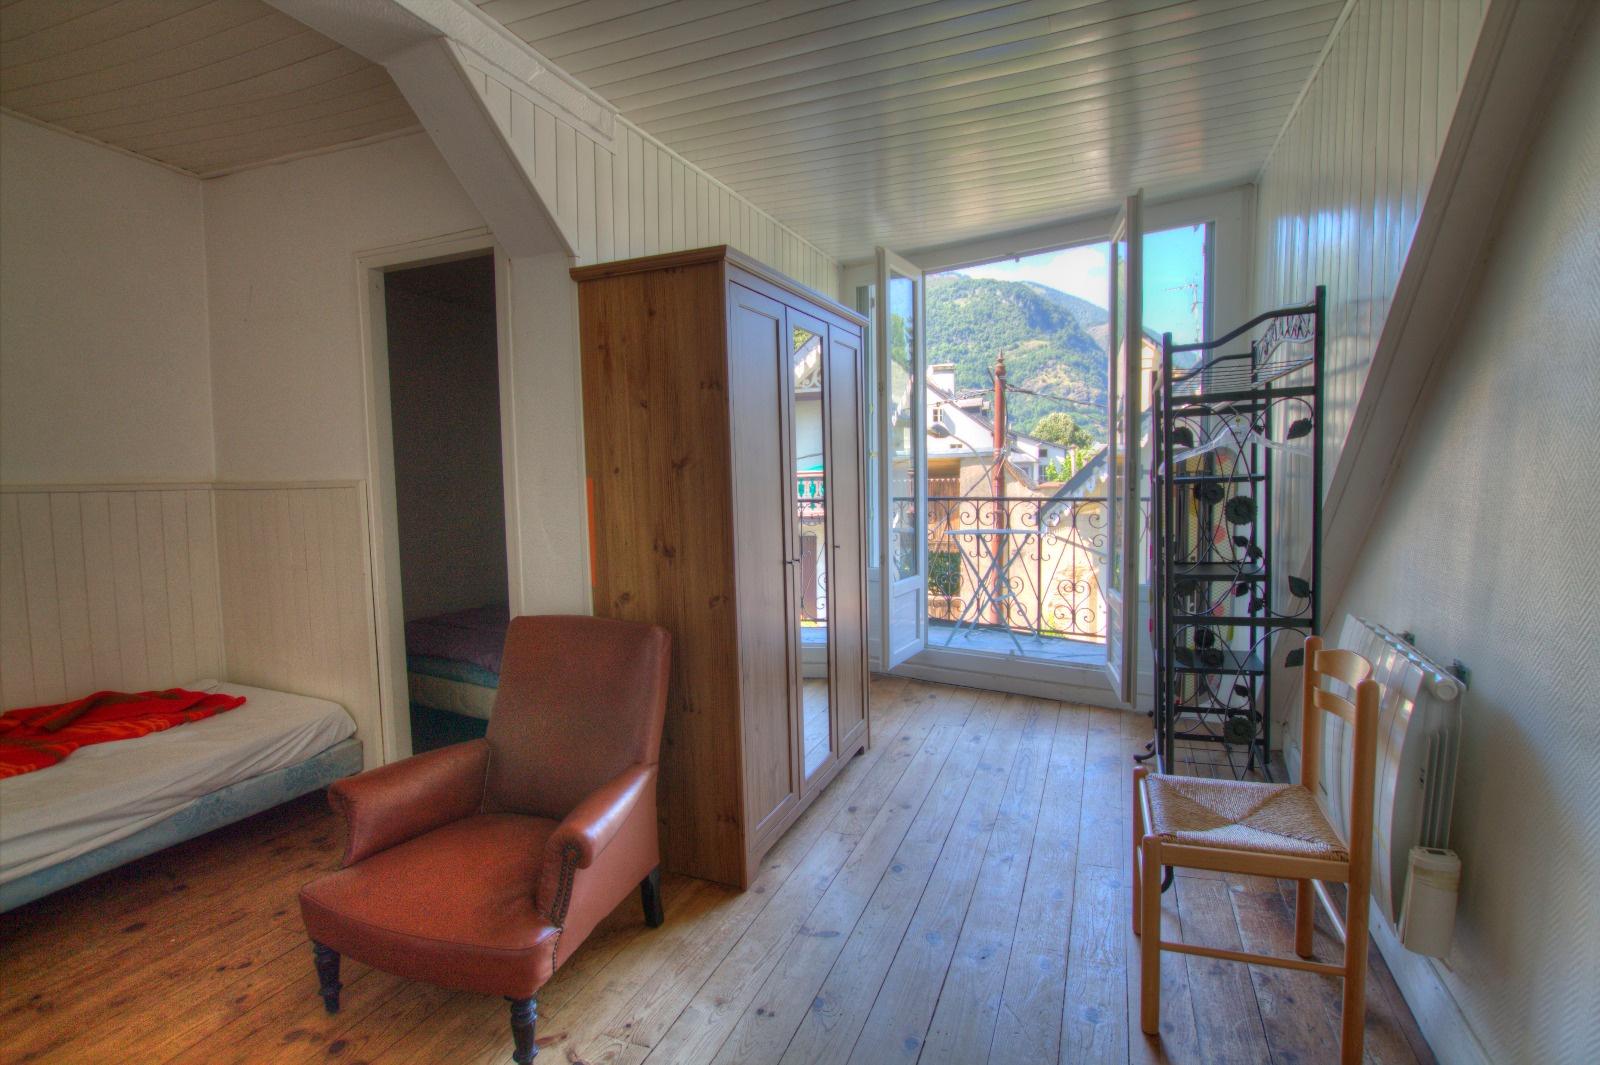 proche des thermes immeuble de 5 appartements en locatif meubl bail pr caire. Black Bedroom Furniture Sets. Home Design Ideas